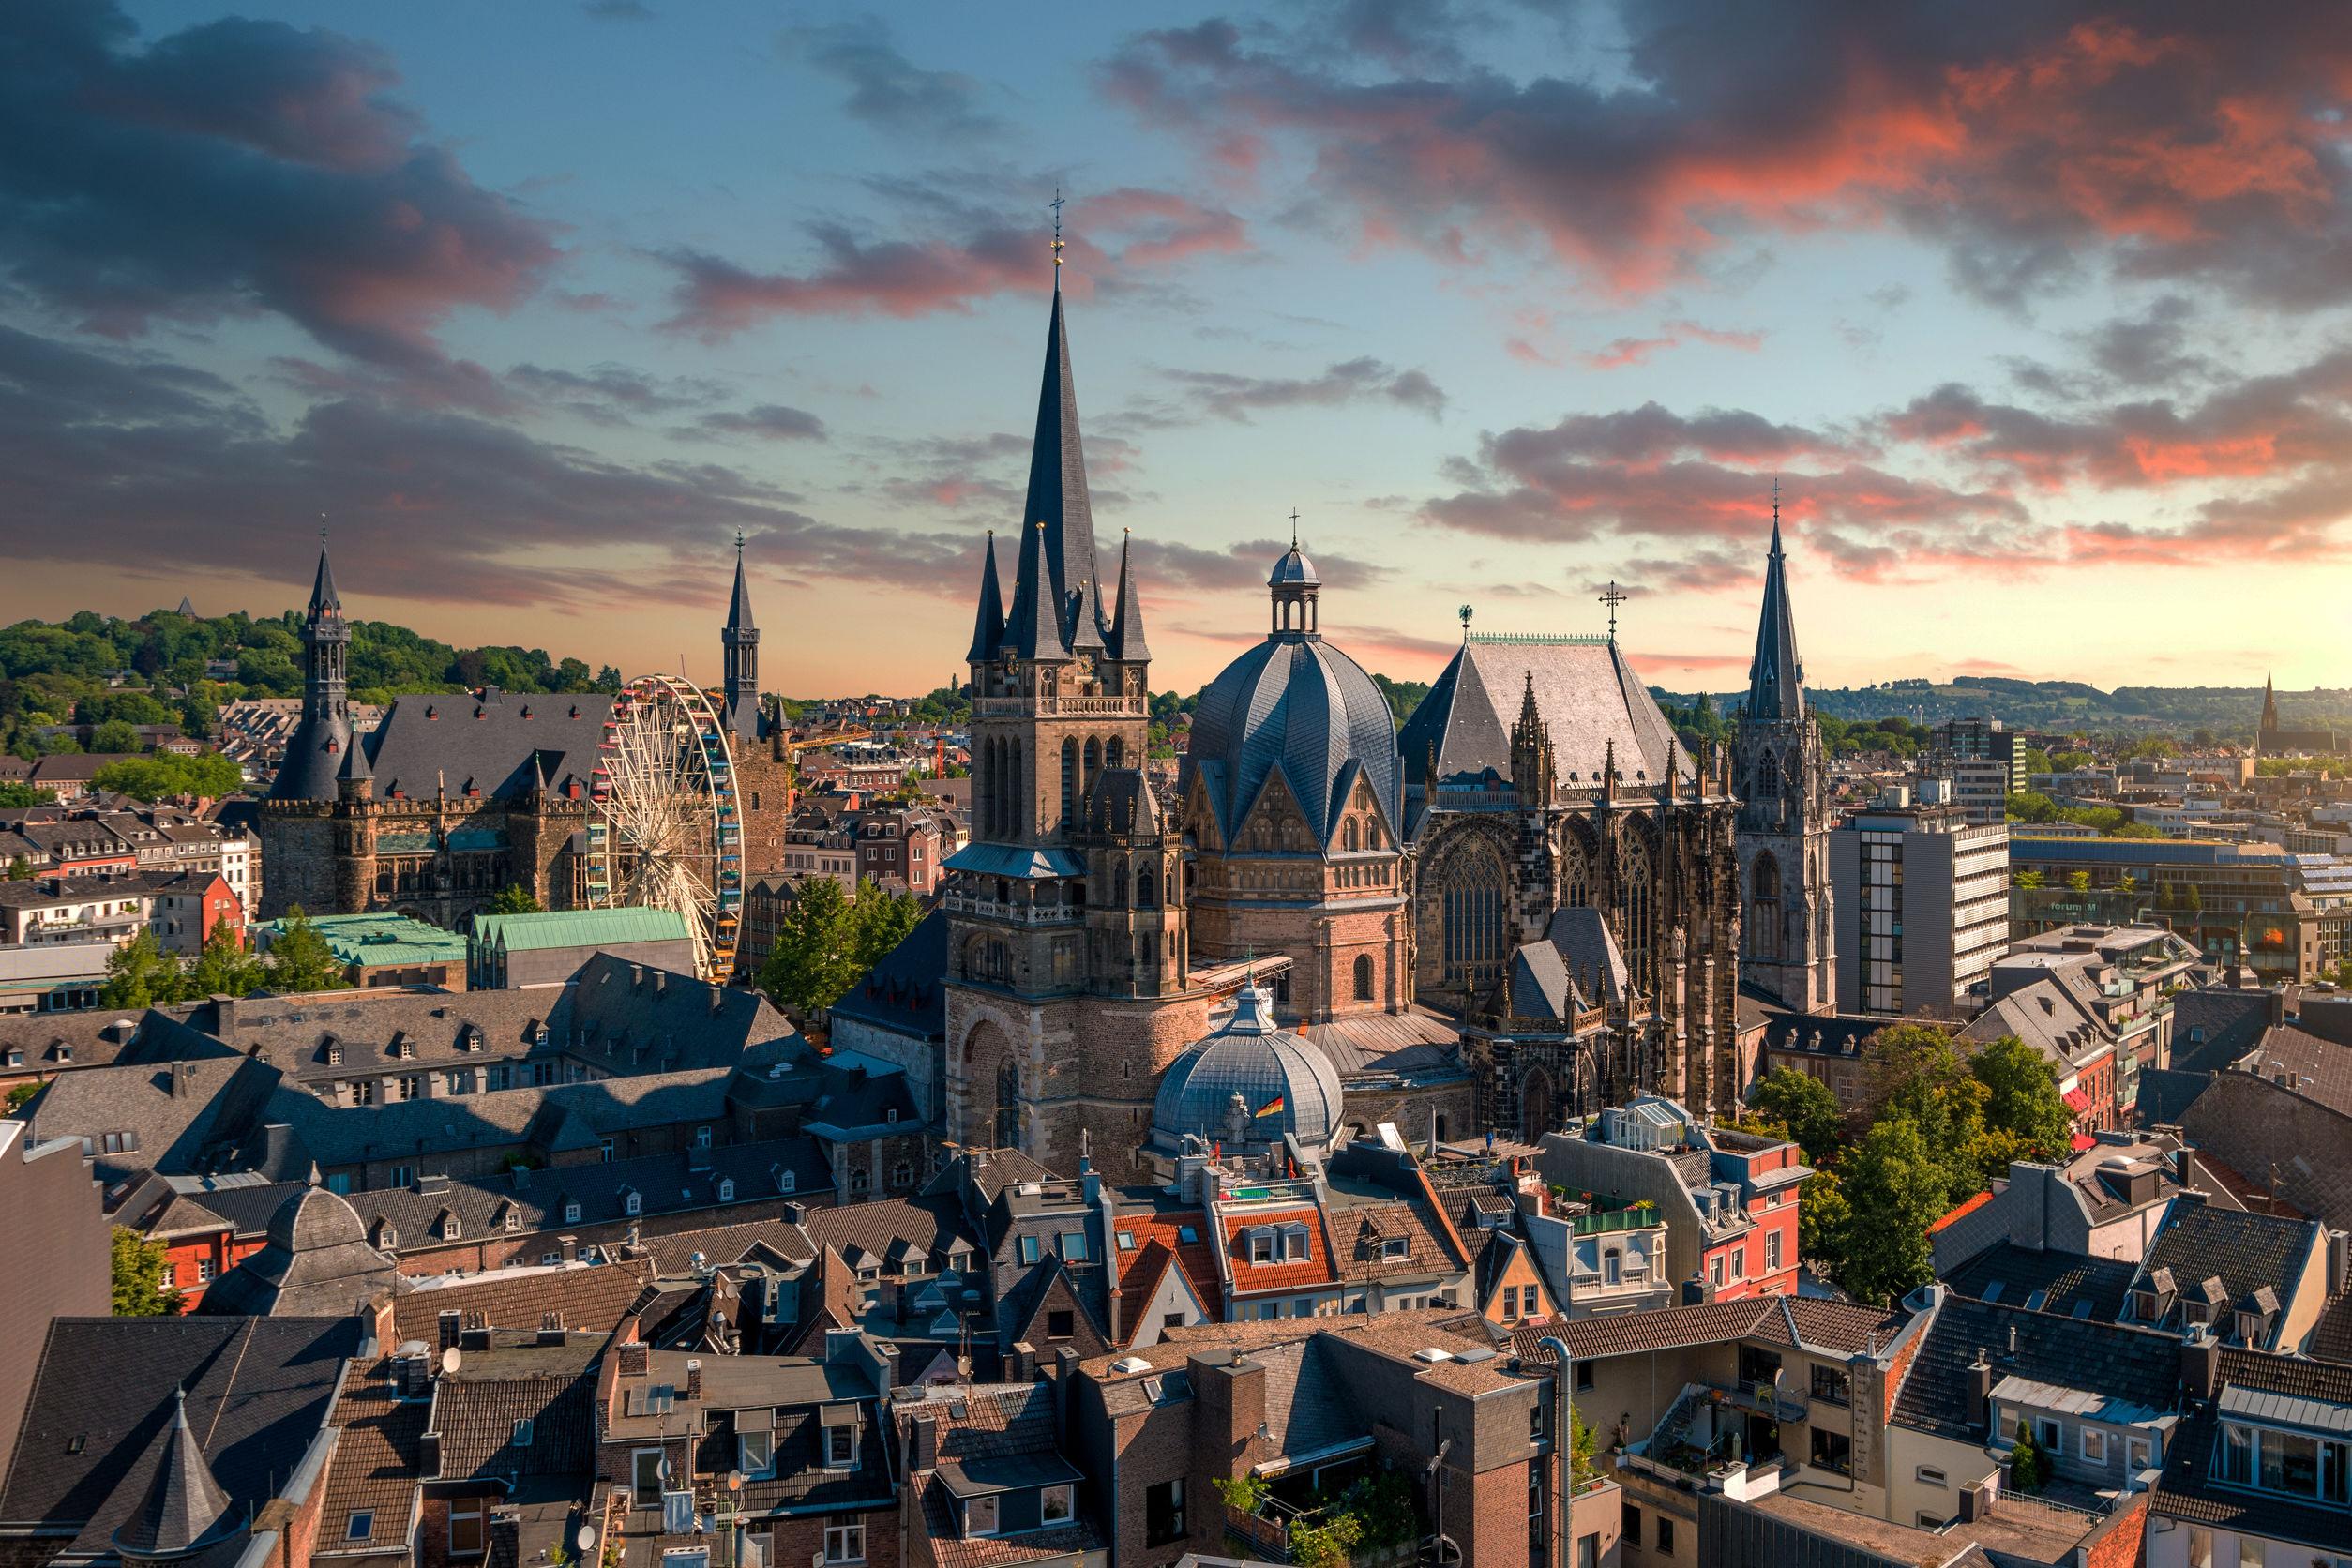 Städtereise Aachen: Empfehlungen und Vergleich (10/21)